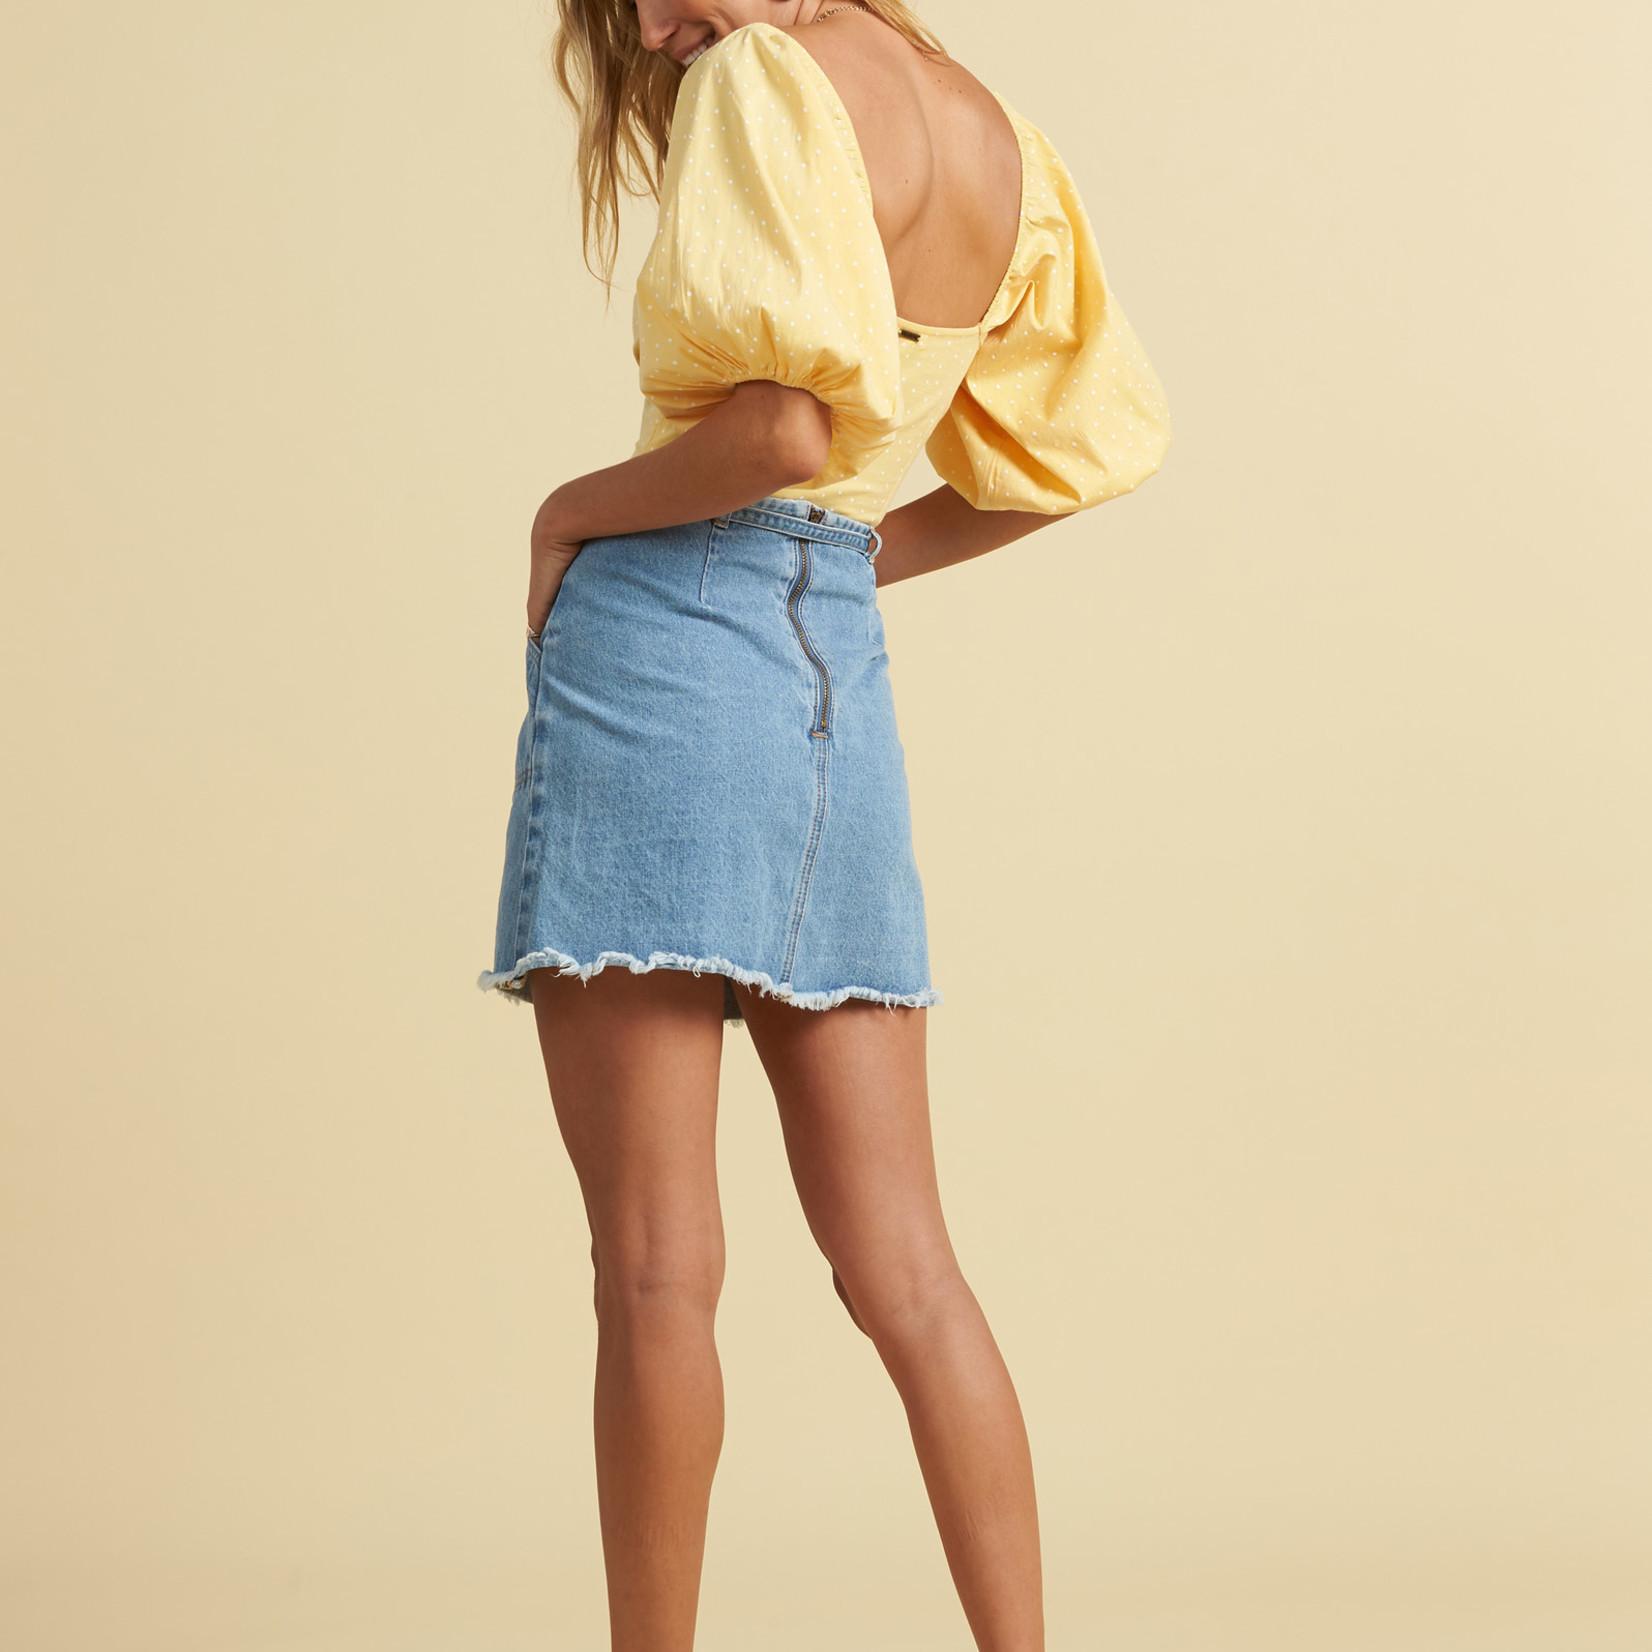 Billabong Billabong x Salty Blonde Tied Up Denim Skirt